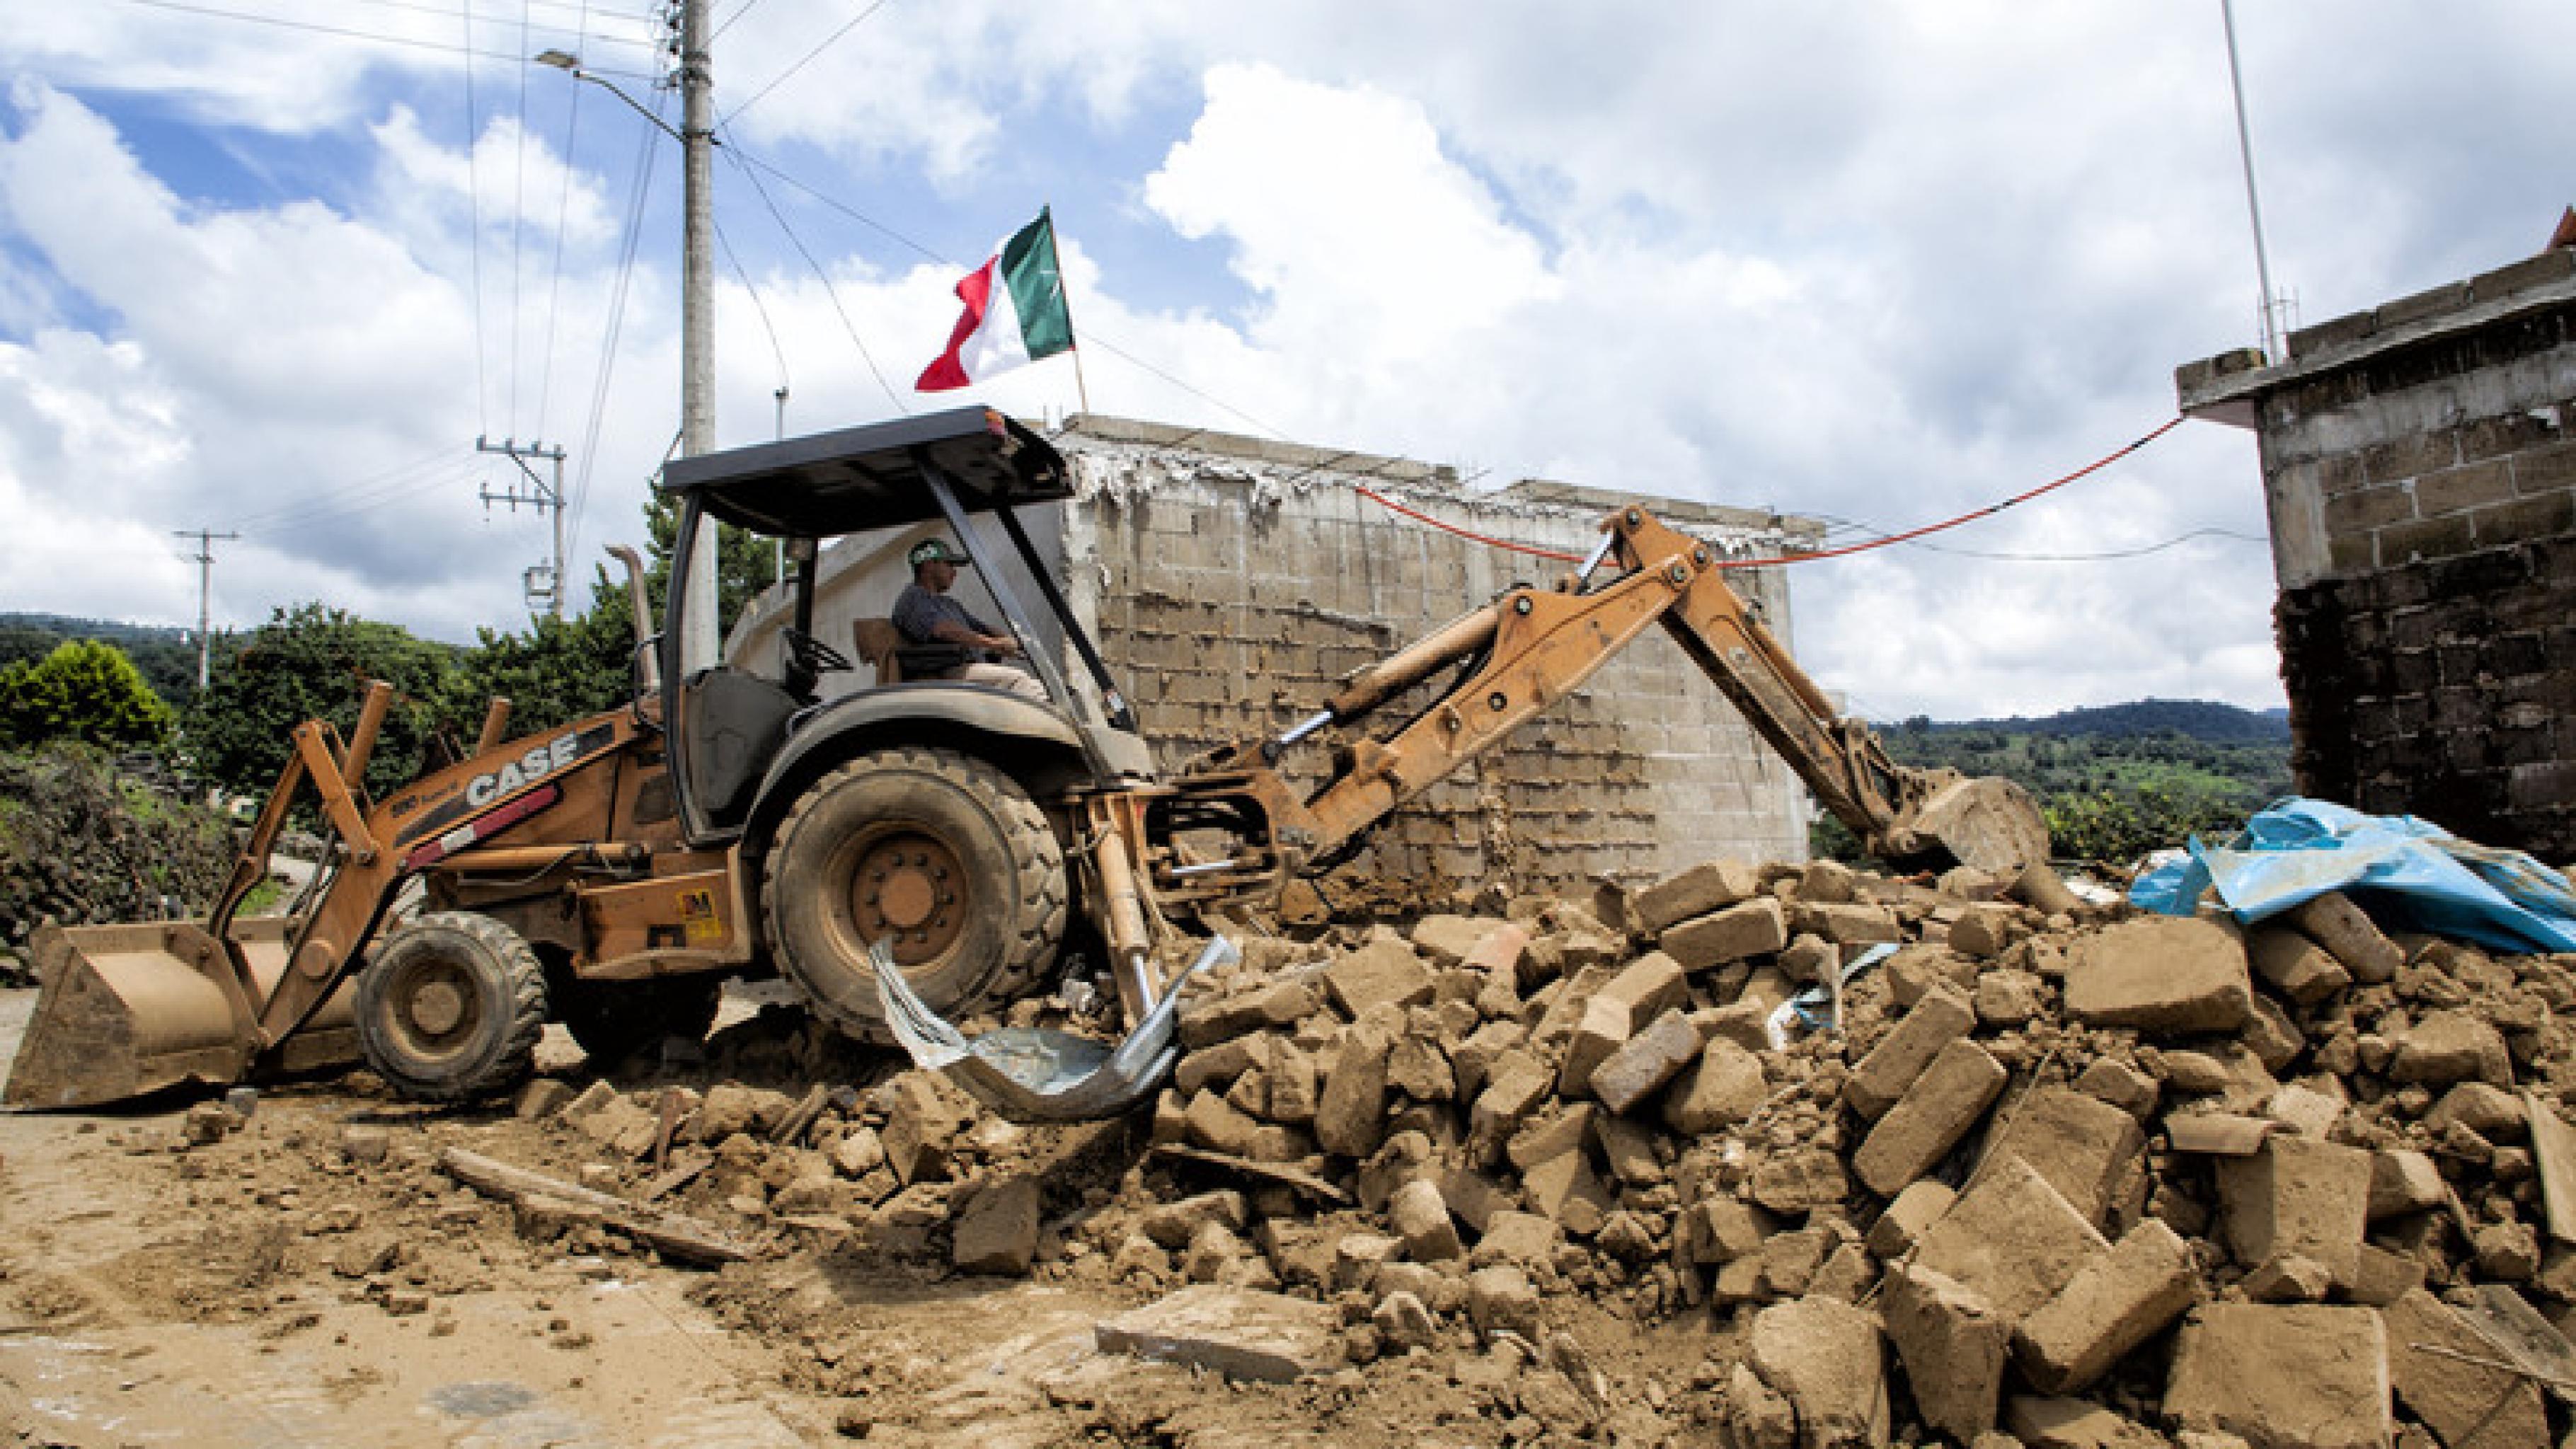 Bagger bei Aufräumarbeiten nach dem schweren Erdbeben in Mexiko.